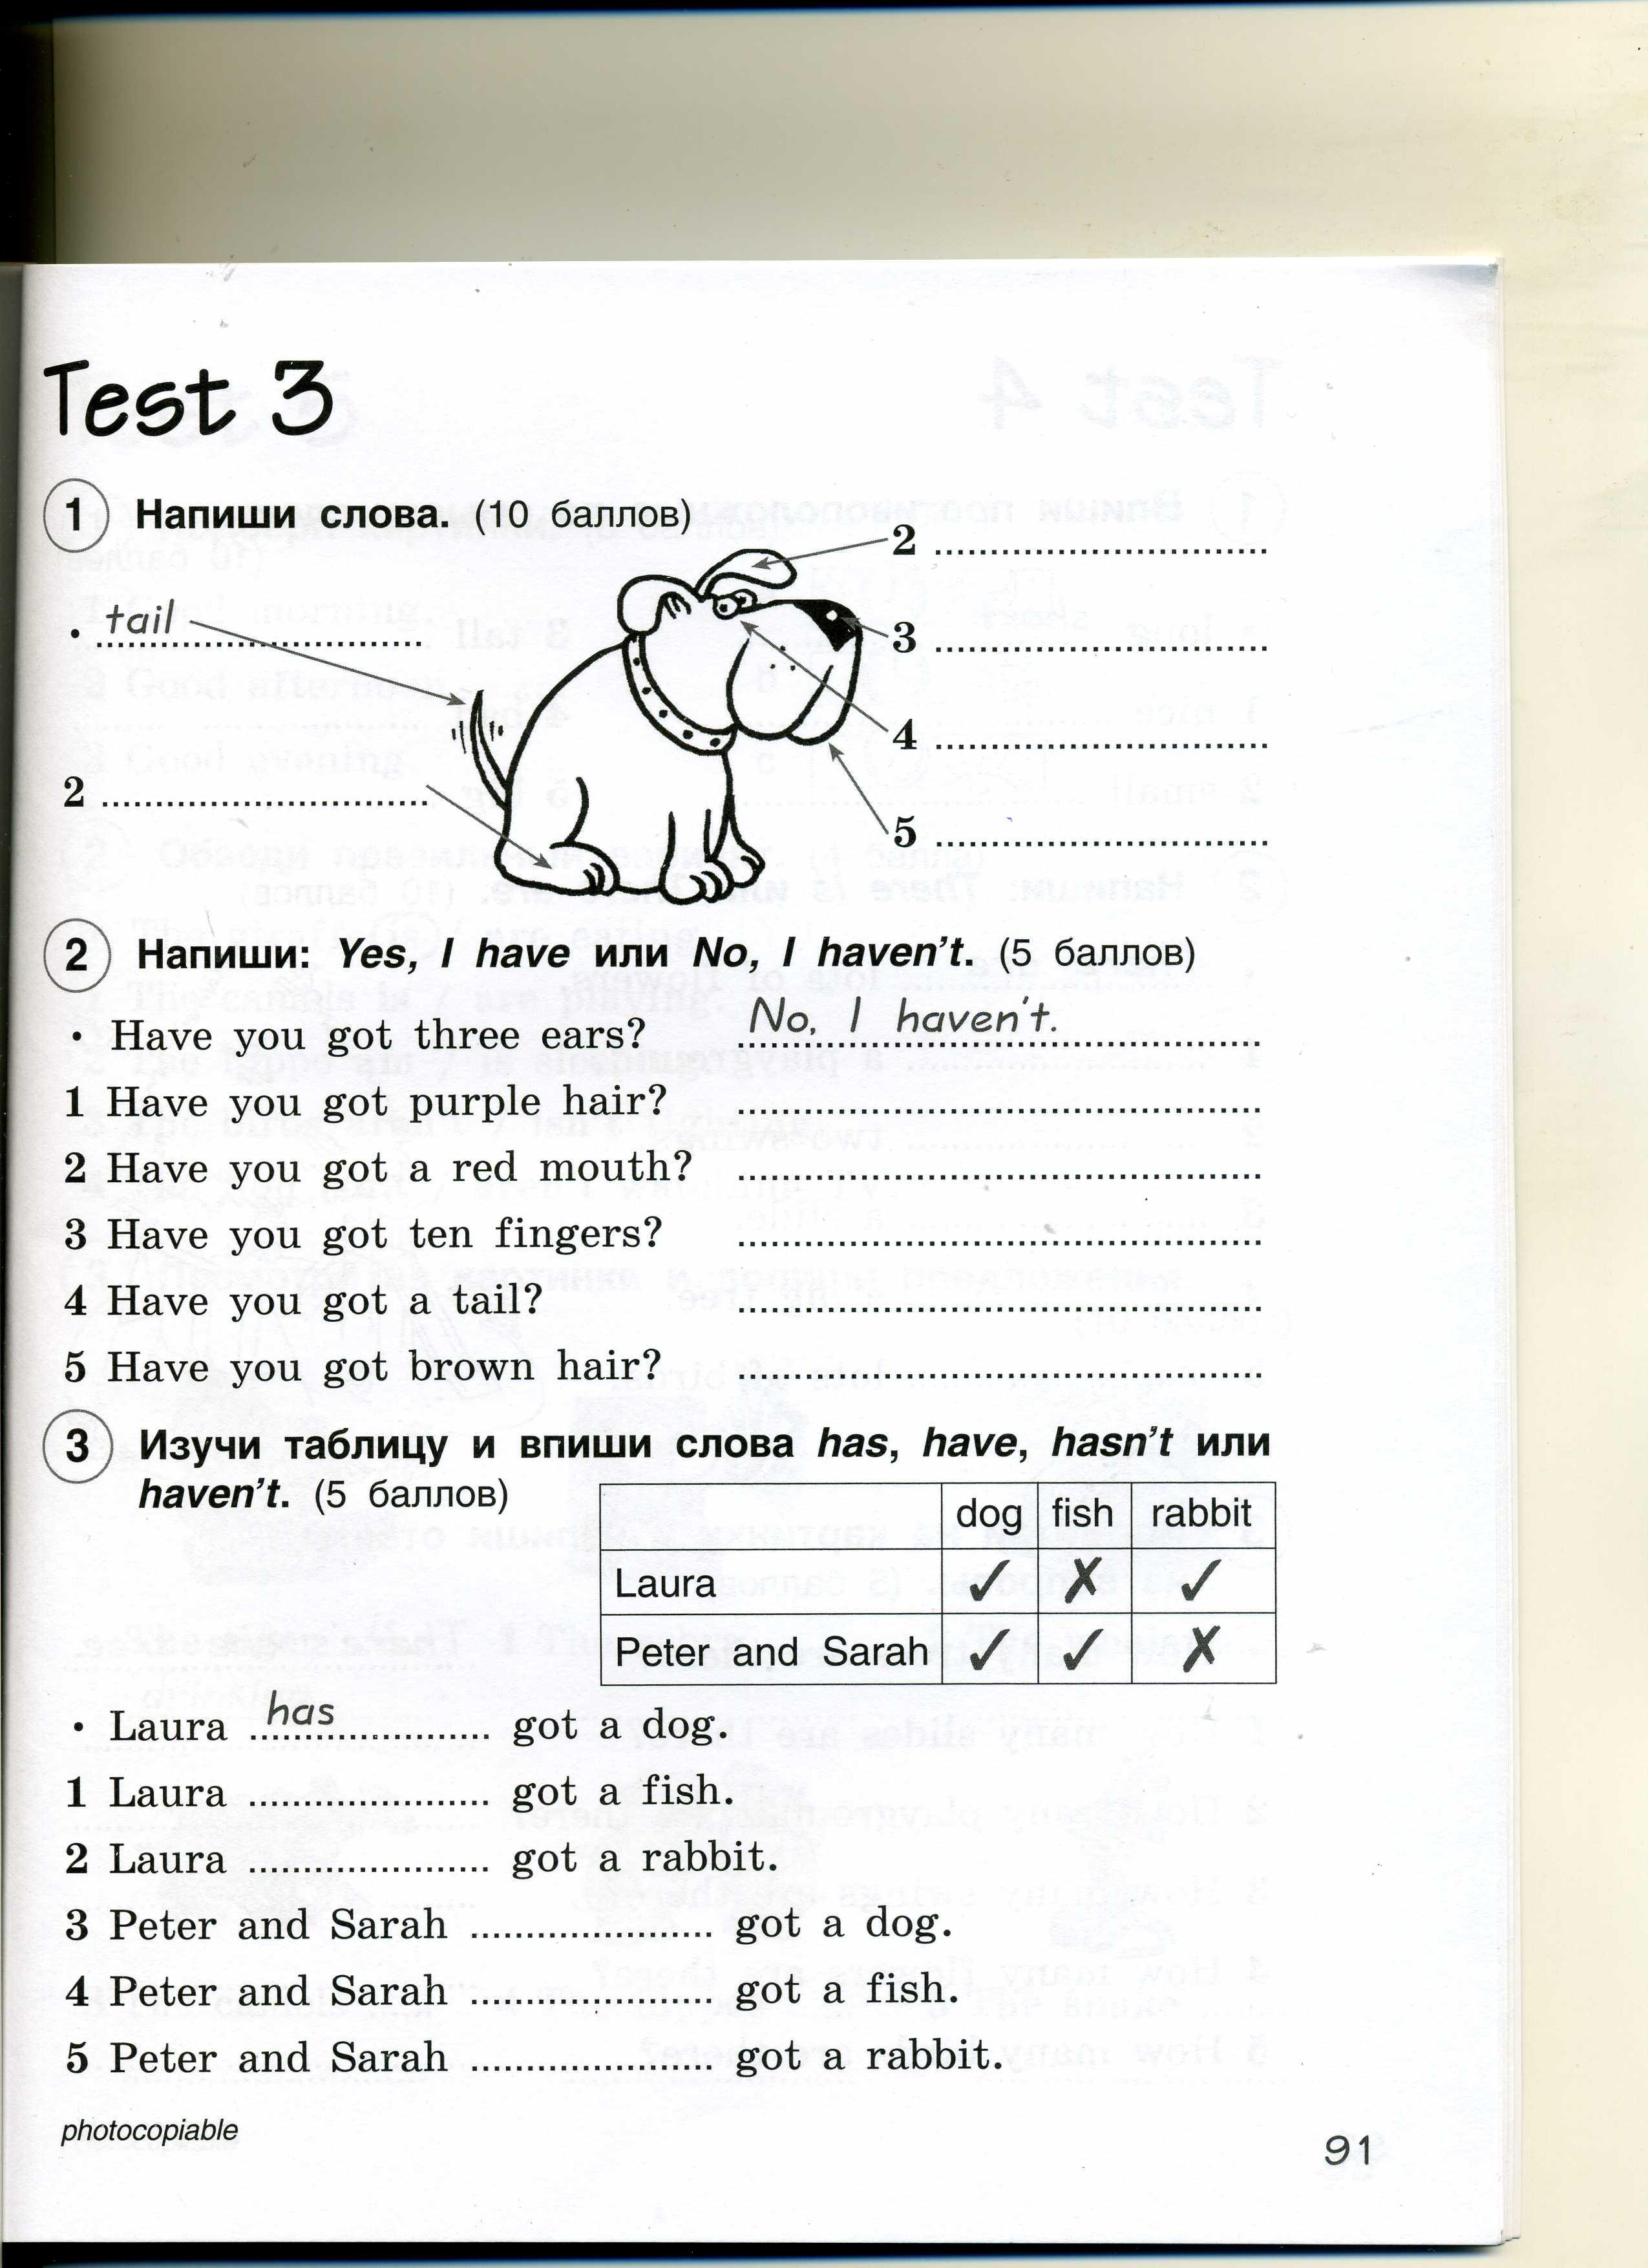 контрольная работа 8 класс ваулина тест